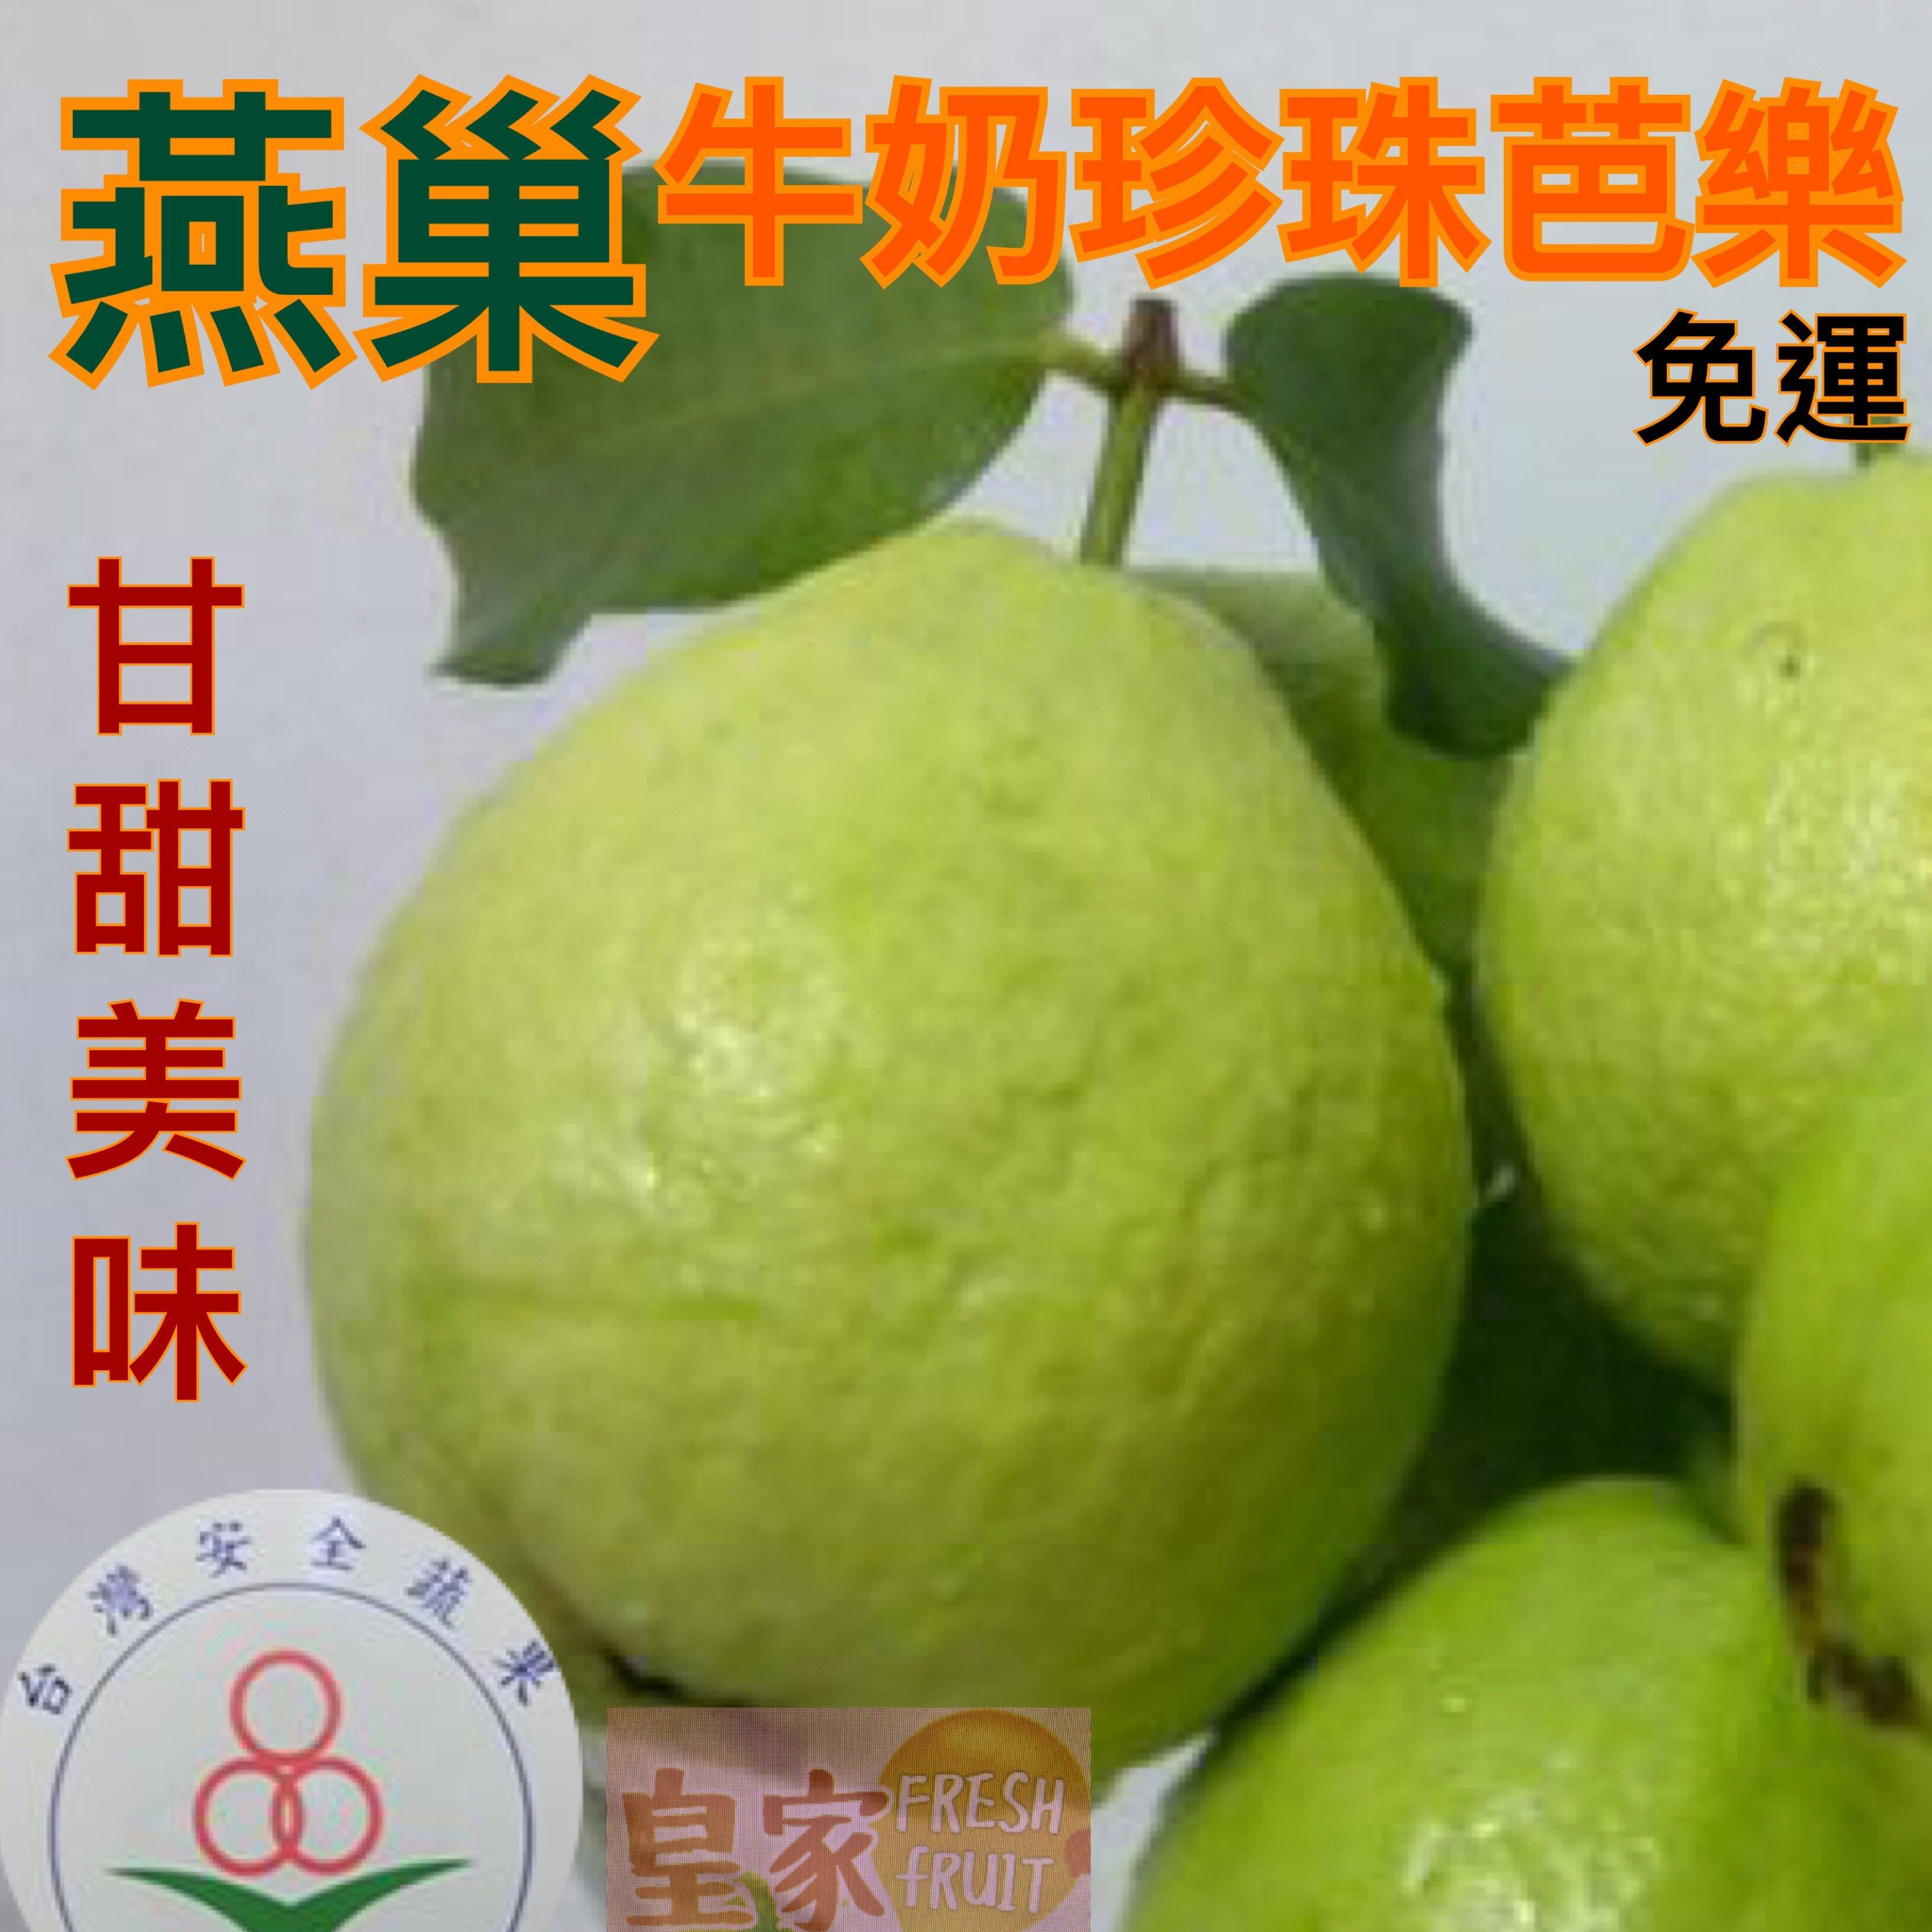 一箱10斤約13~18顆,鮮採出貨品質嚴選,美容保養的天然聖品。